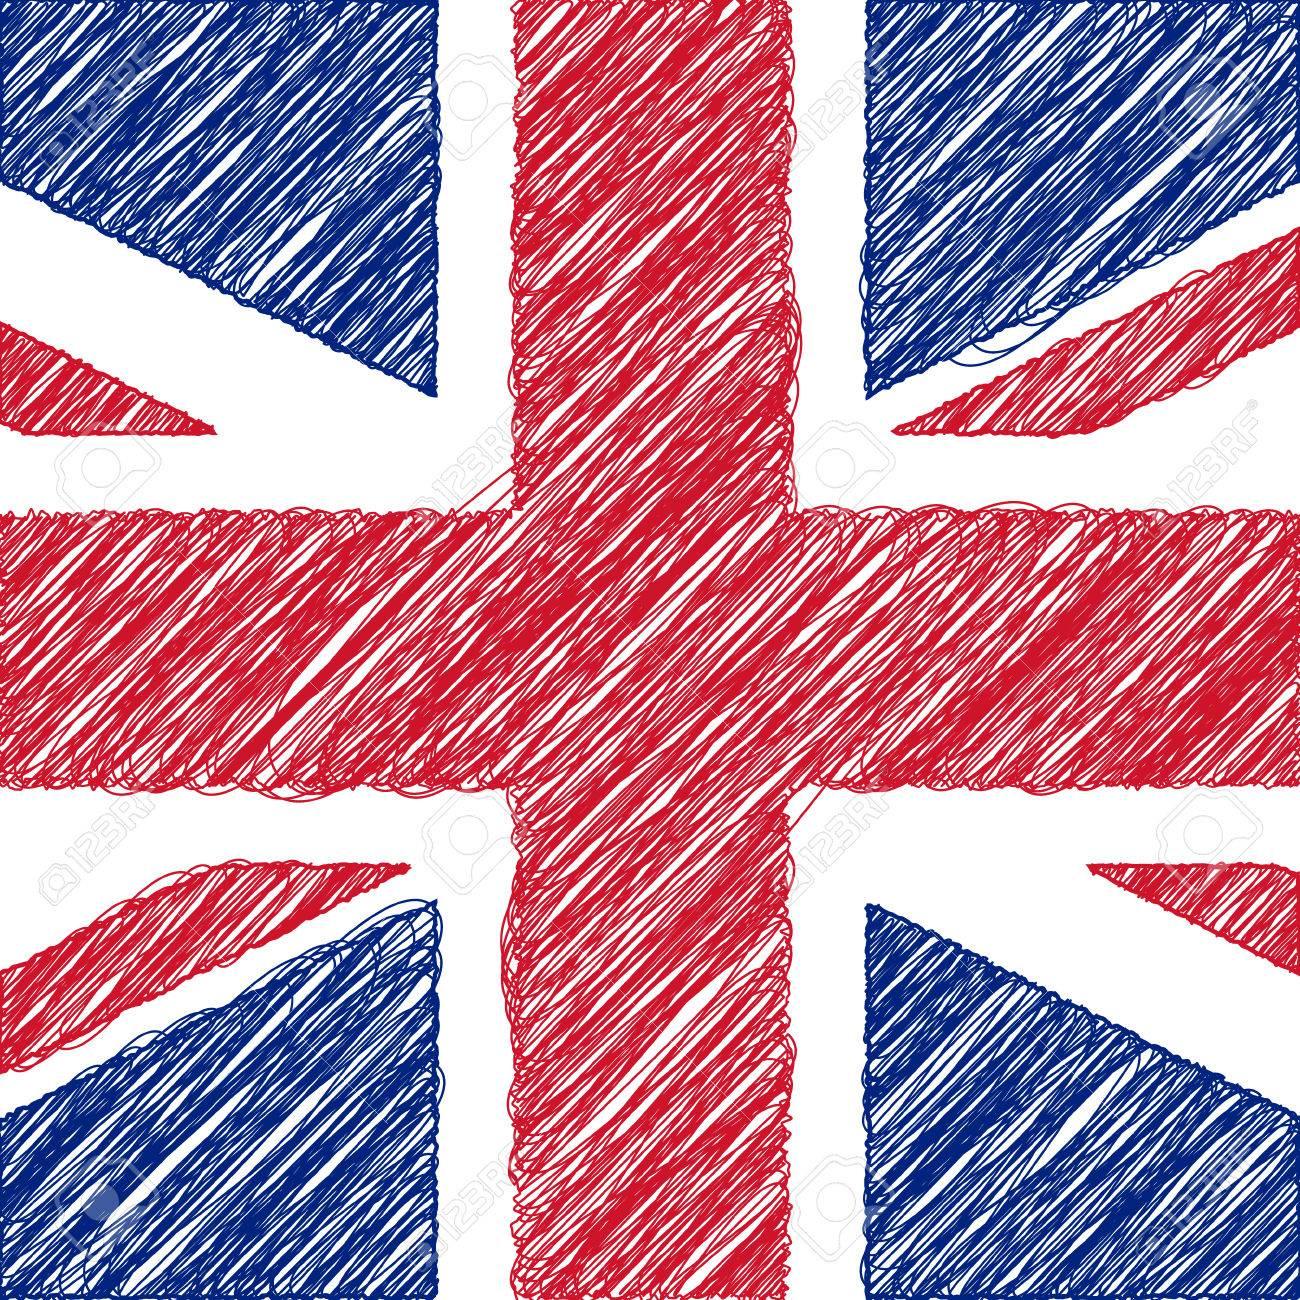 Bandera De Reino Unido Lápiz De Dibujo Ilustración Vectorial